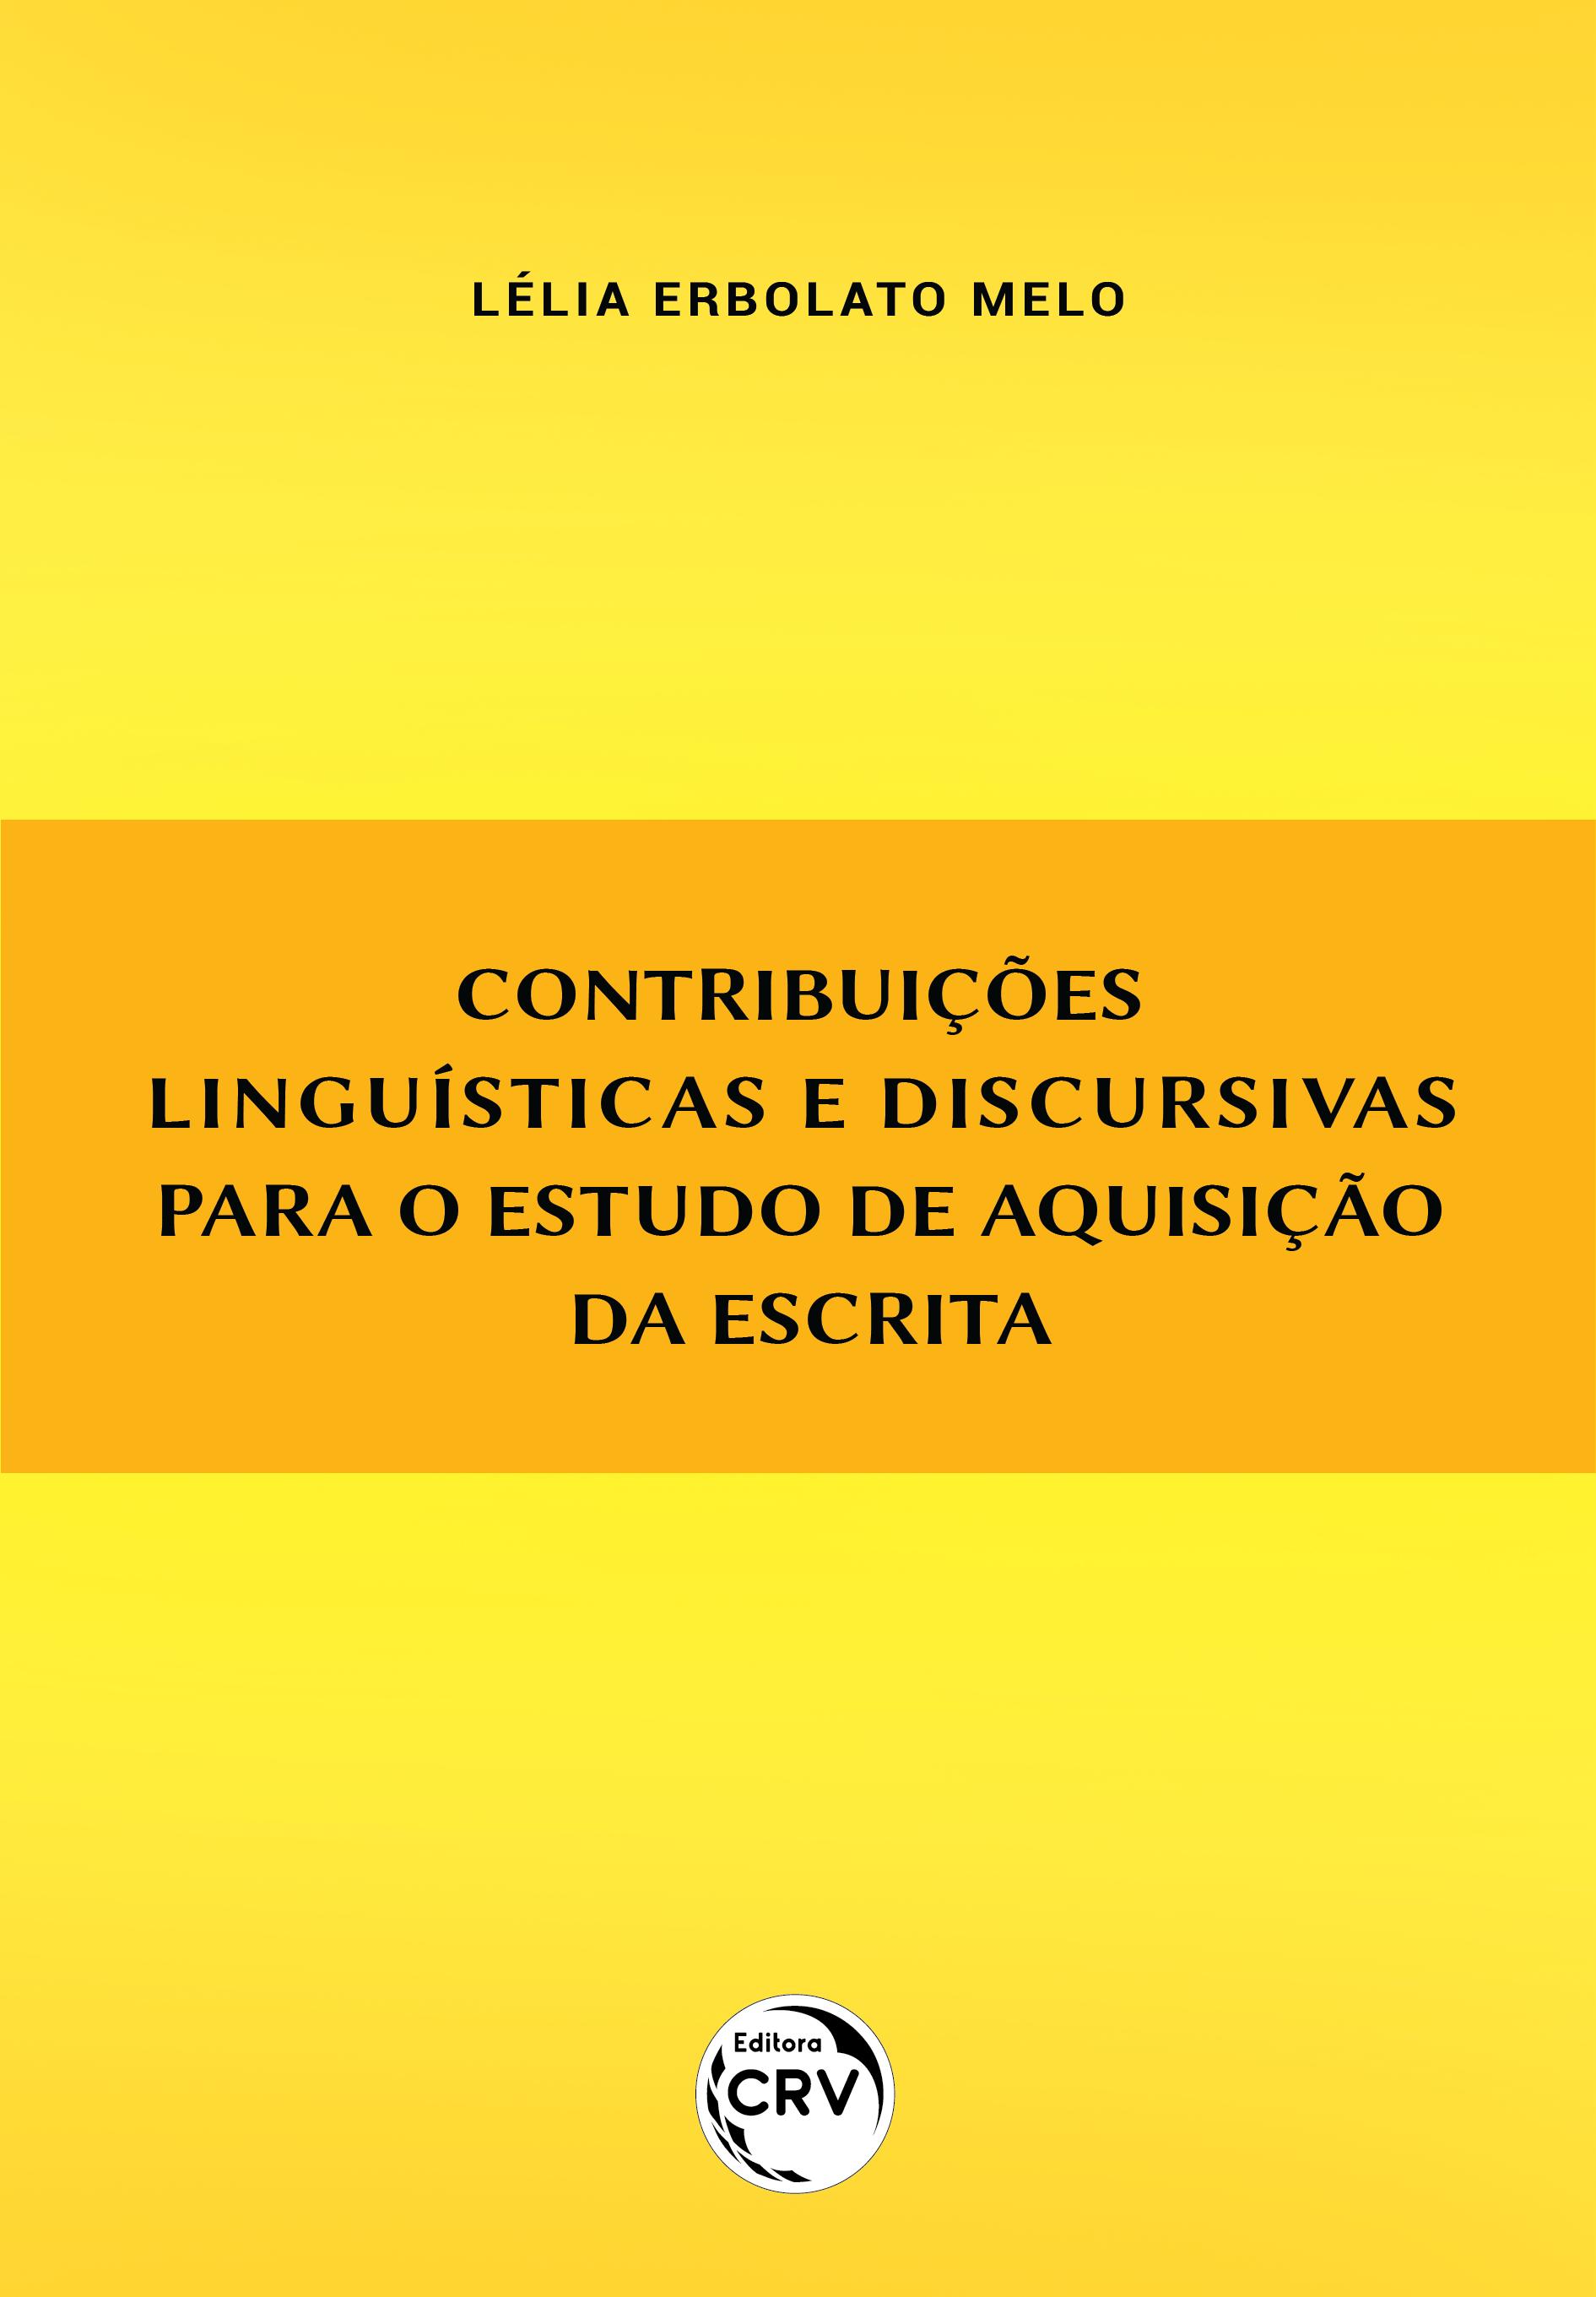 Capa do livro: CONTRIBUIÇÕES LINGUÍSTICAS E DISCURSIVAS PARA O ESTUDO DE AQUISIÇÃO DA ESCRITA